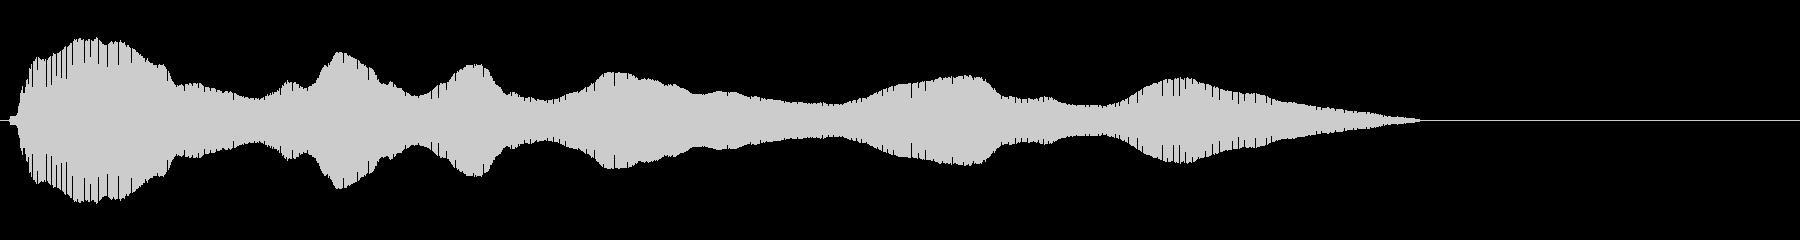 トロンボーン:ビッグウォブル、漫画...の未再生の波形